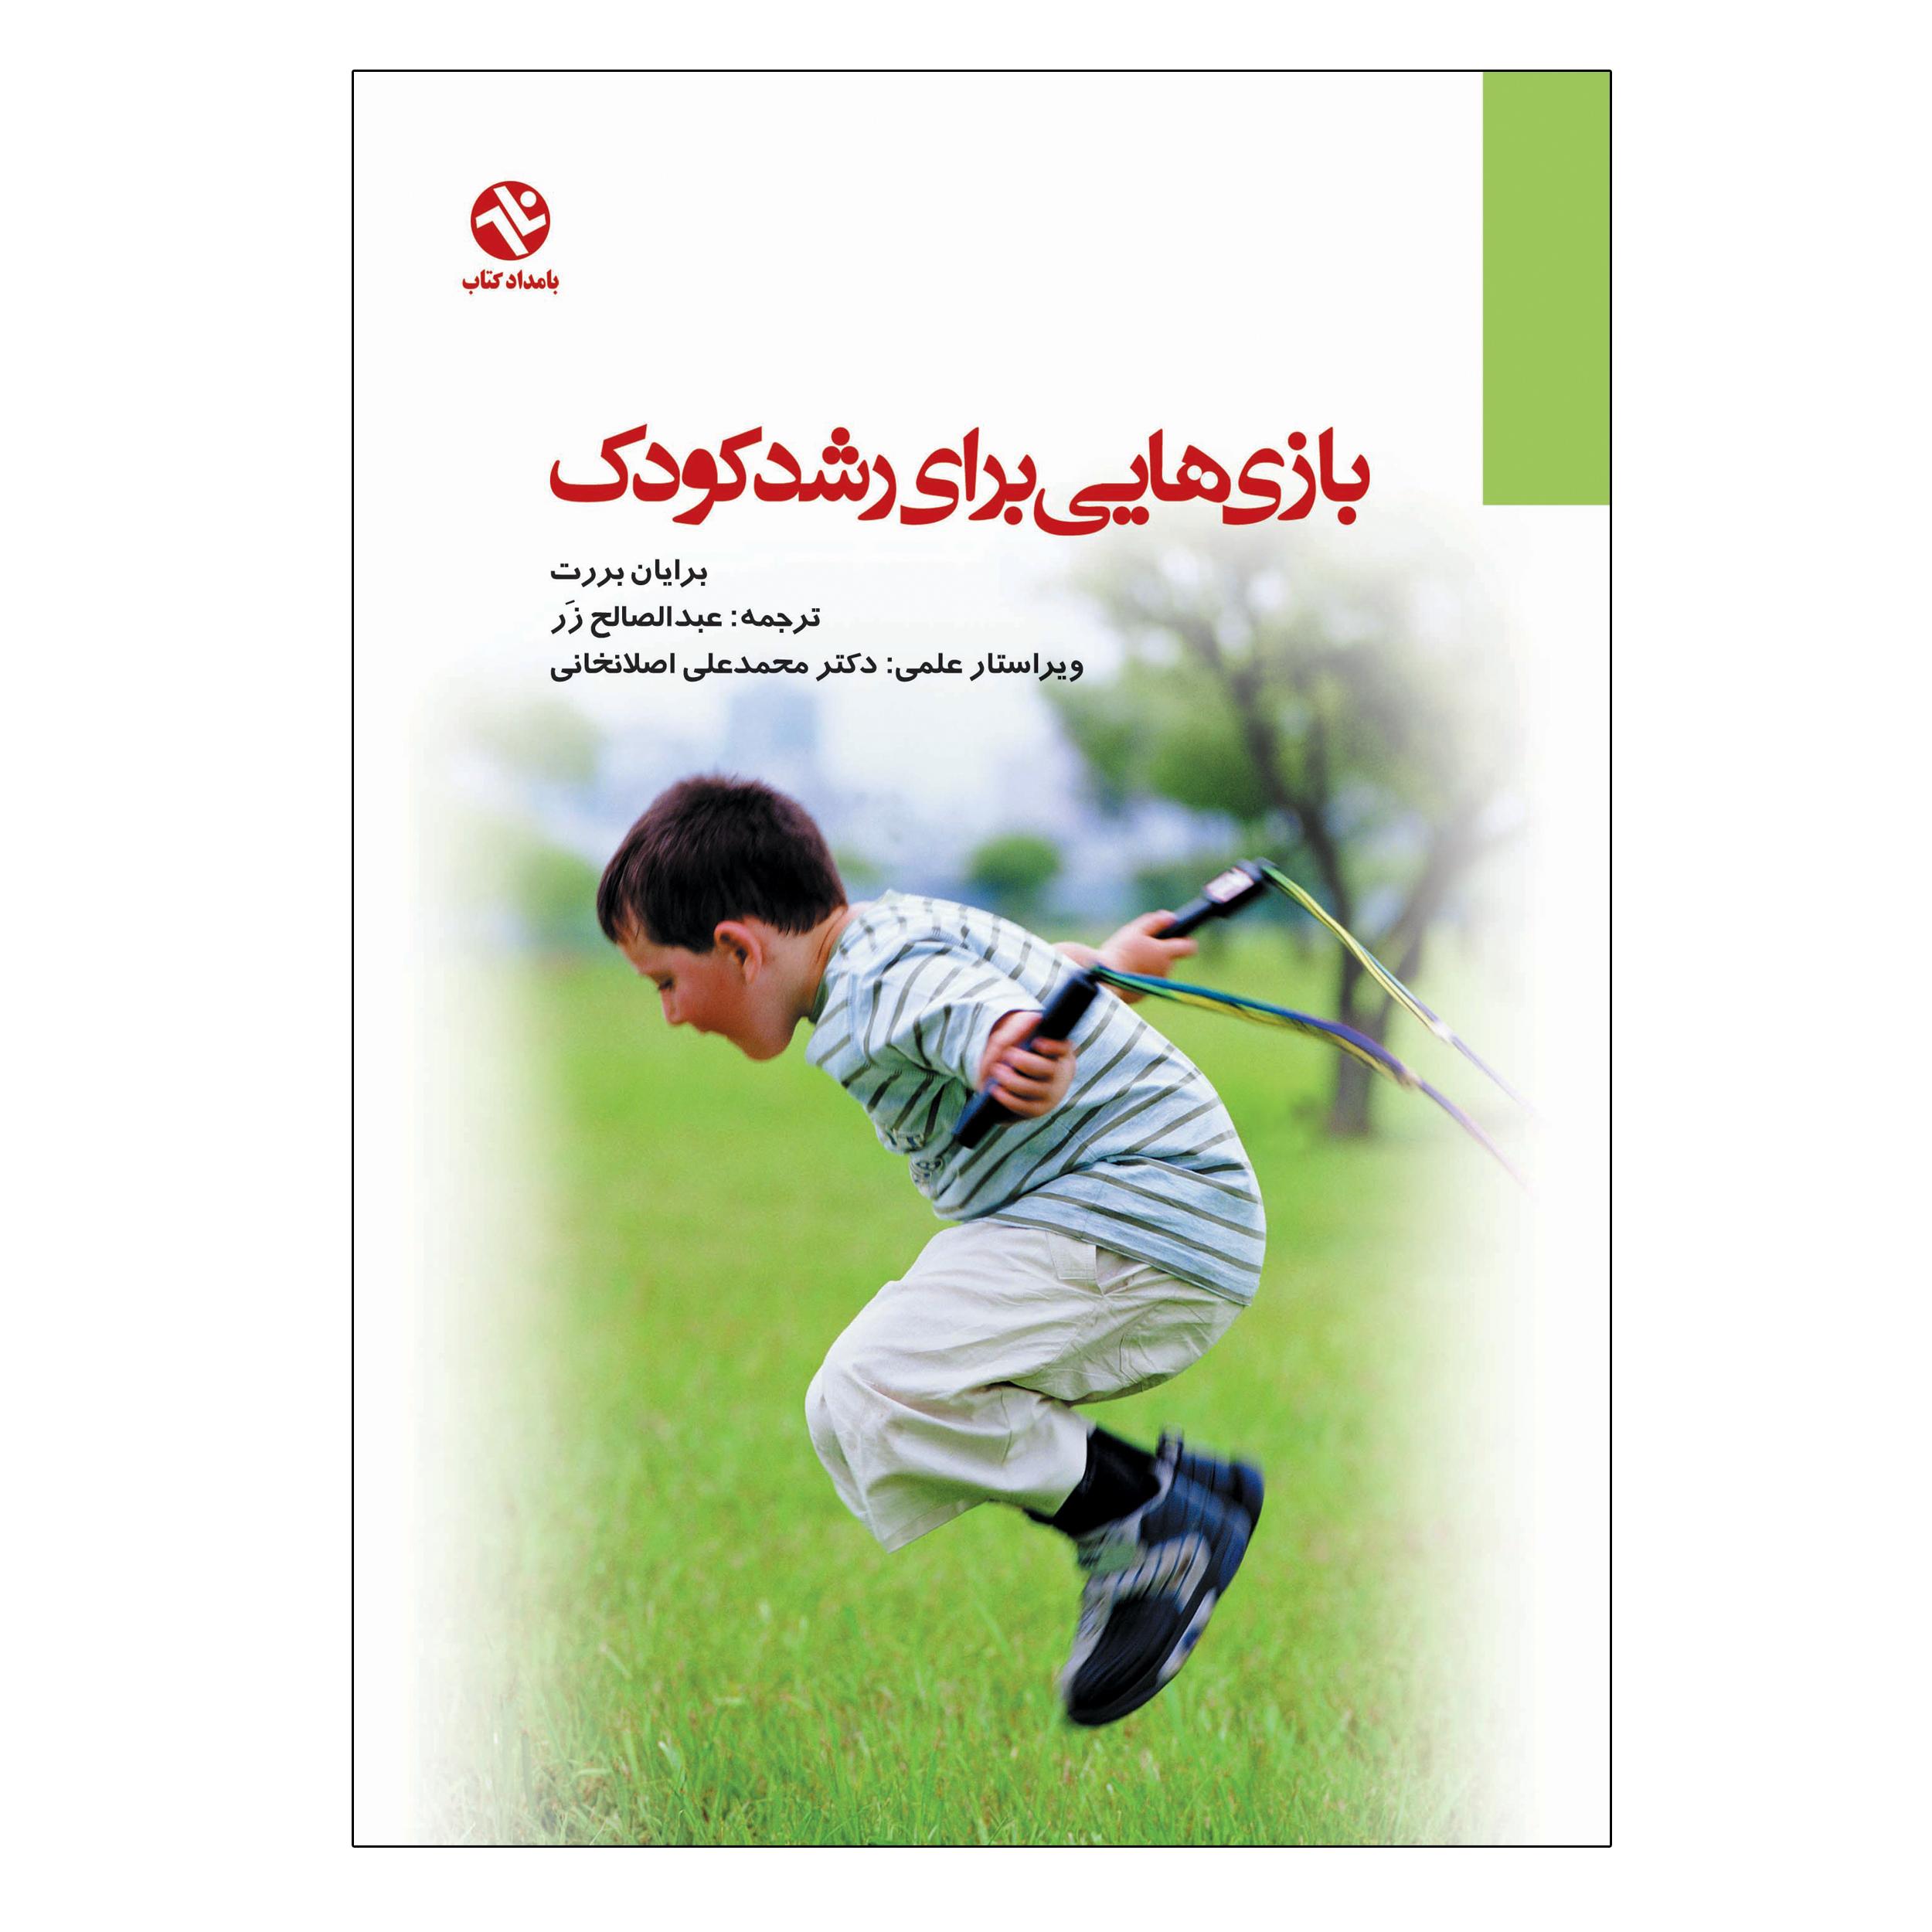 کتاب بازی هایی برای رشد کودک اثر برایان بارت انتشارات بامداد کتاب